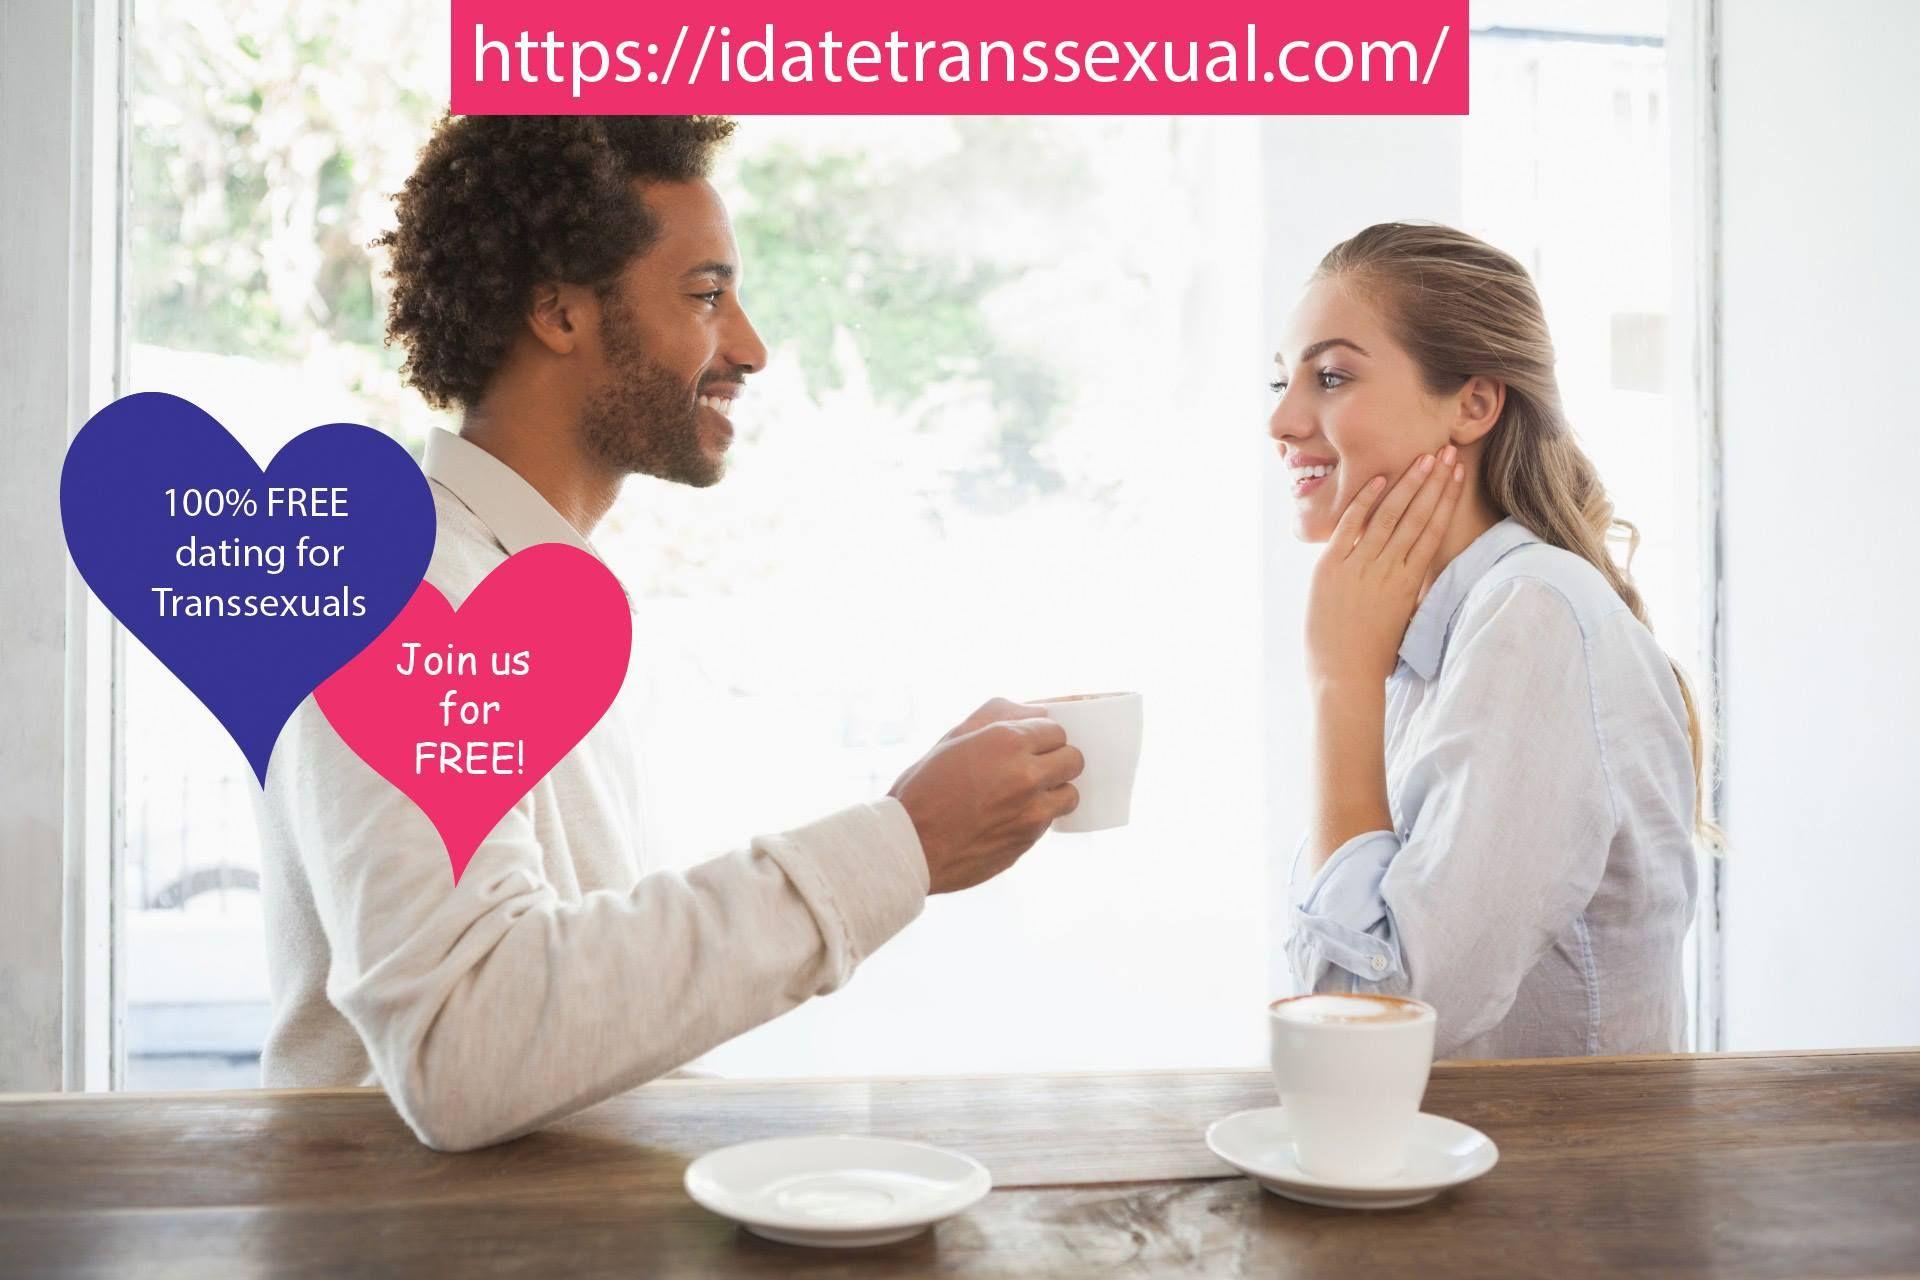 milo ventimiglia dating 2017